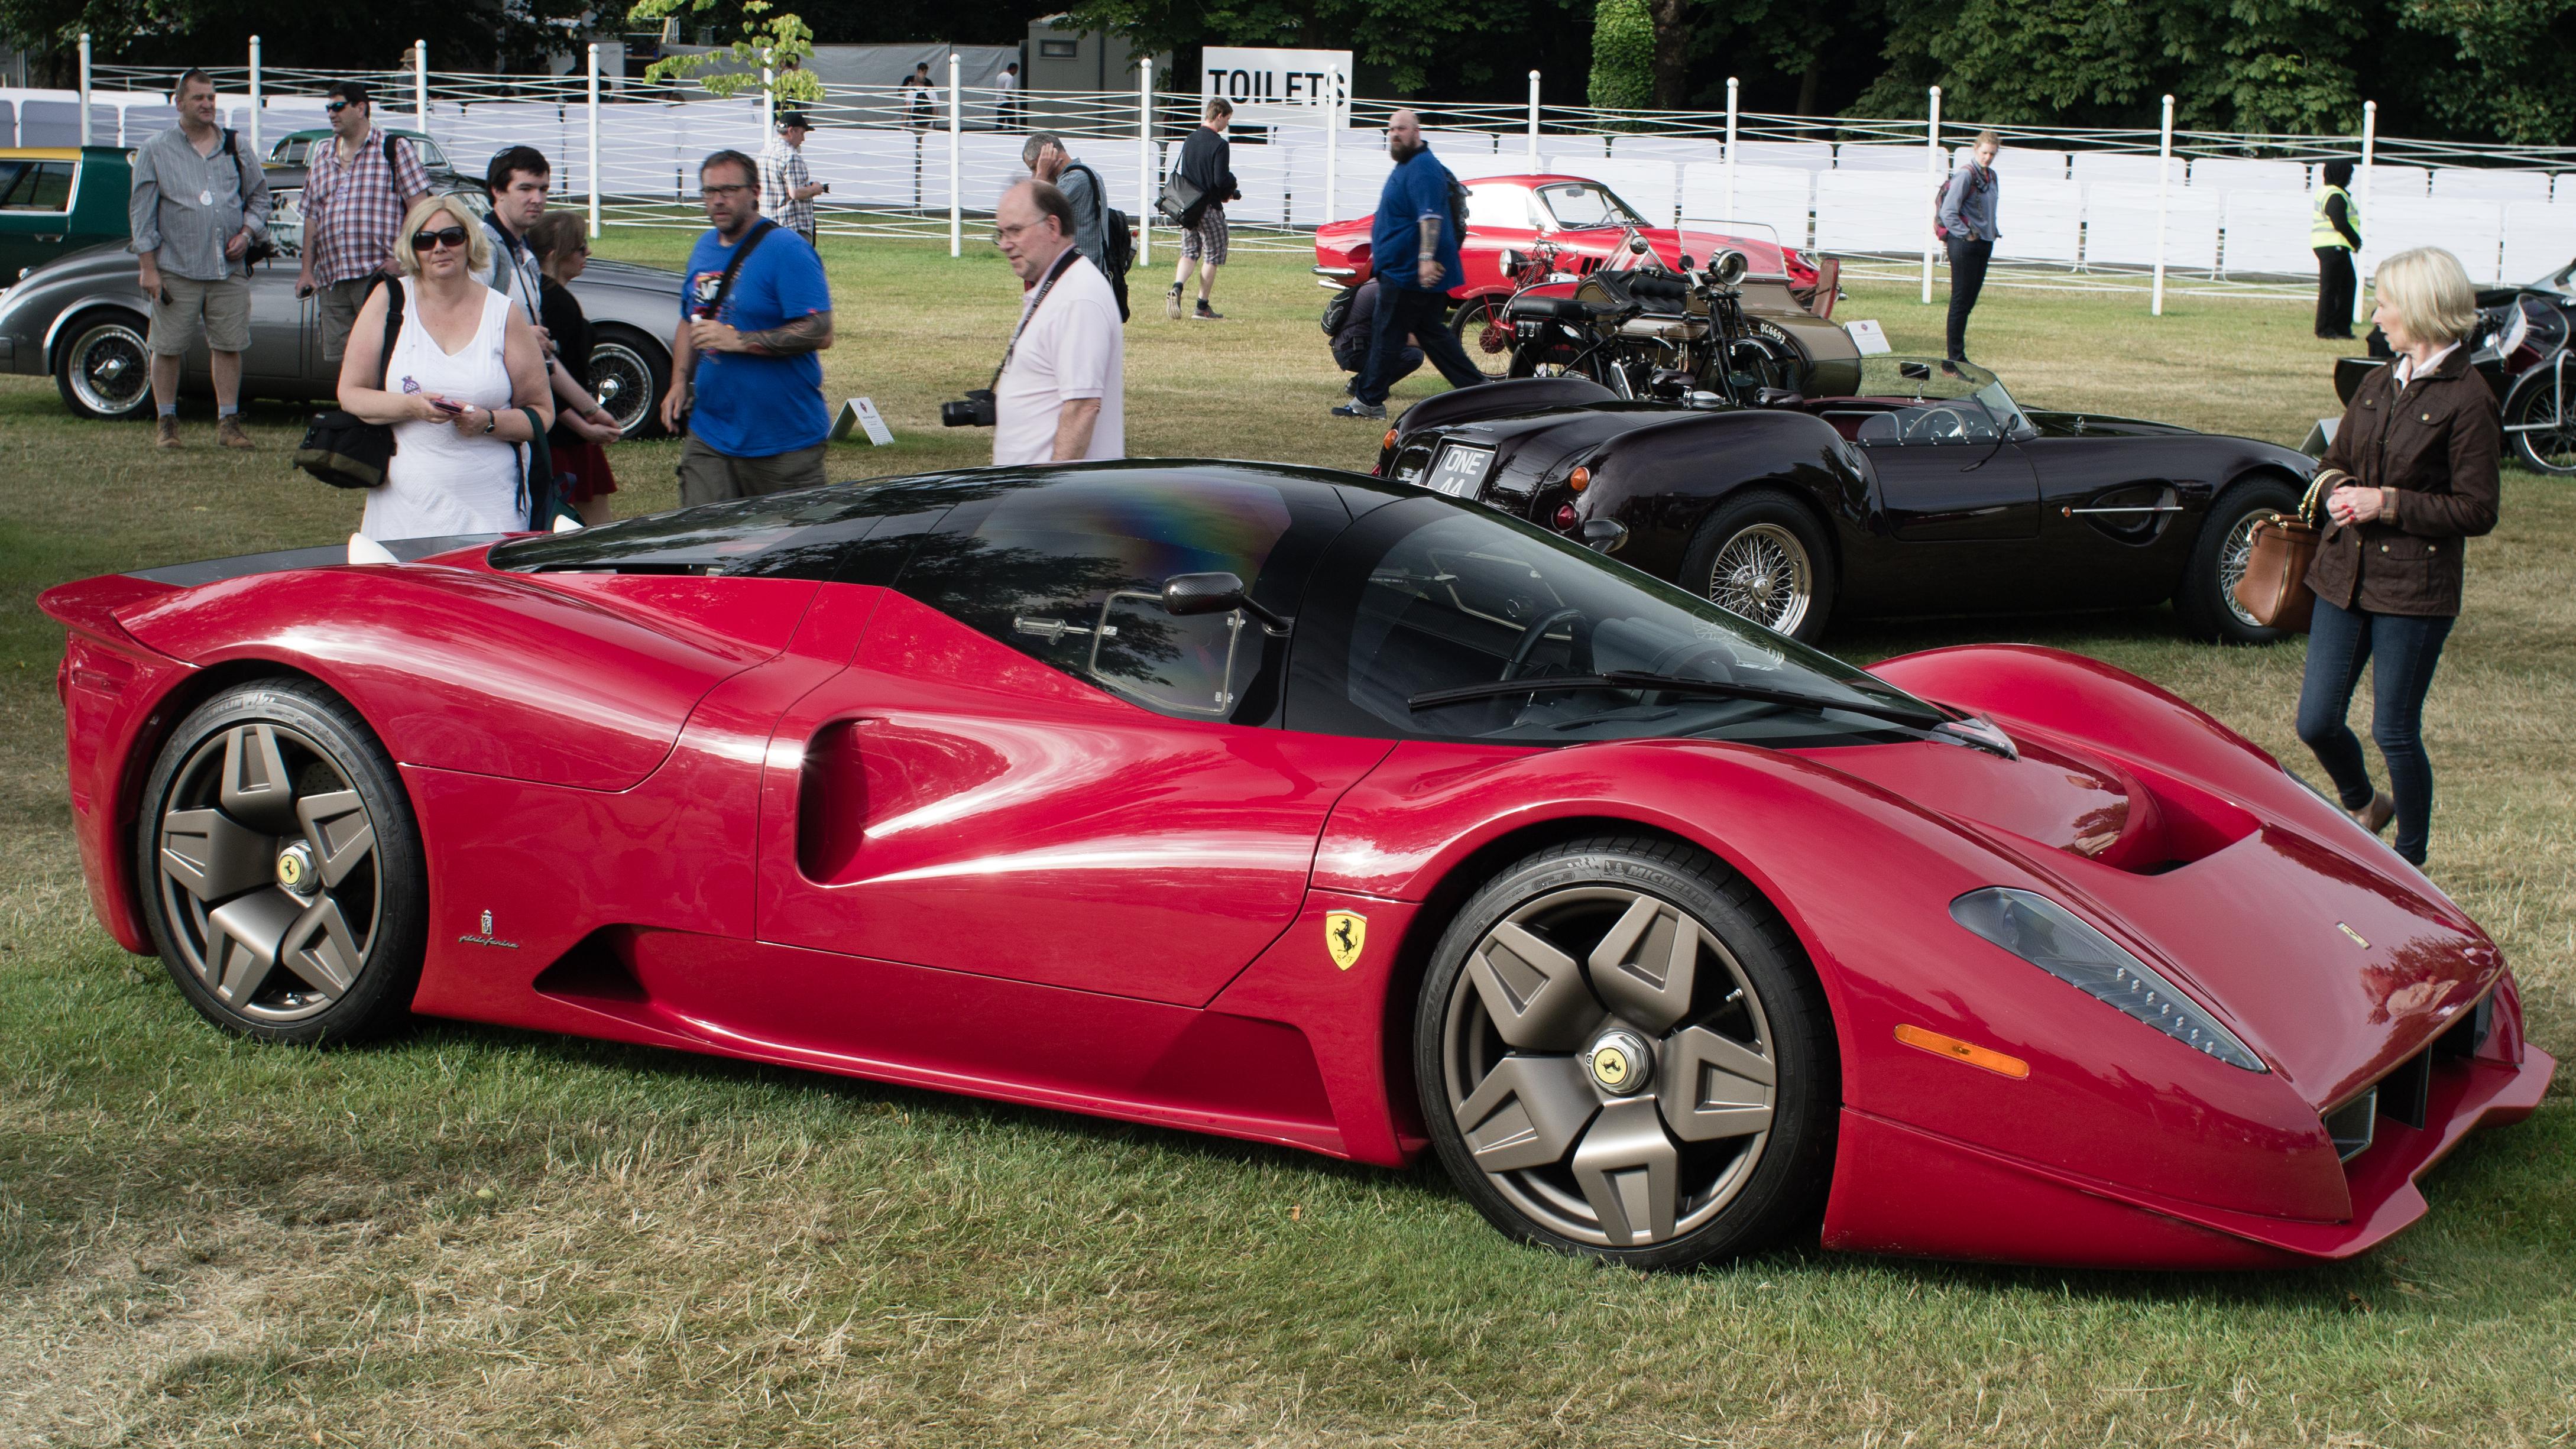 File2006 Ferrari P4 5 By Pininfarina 19631298185jpg